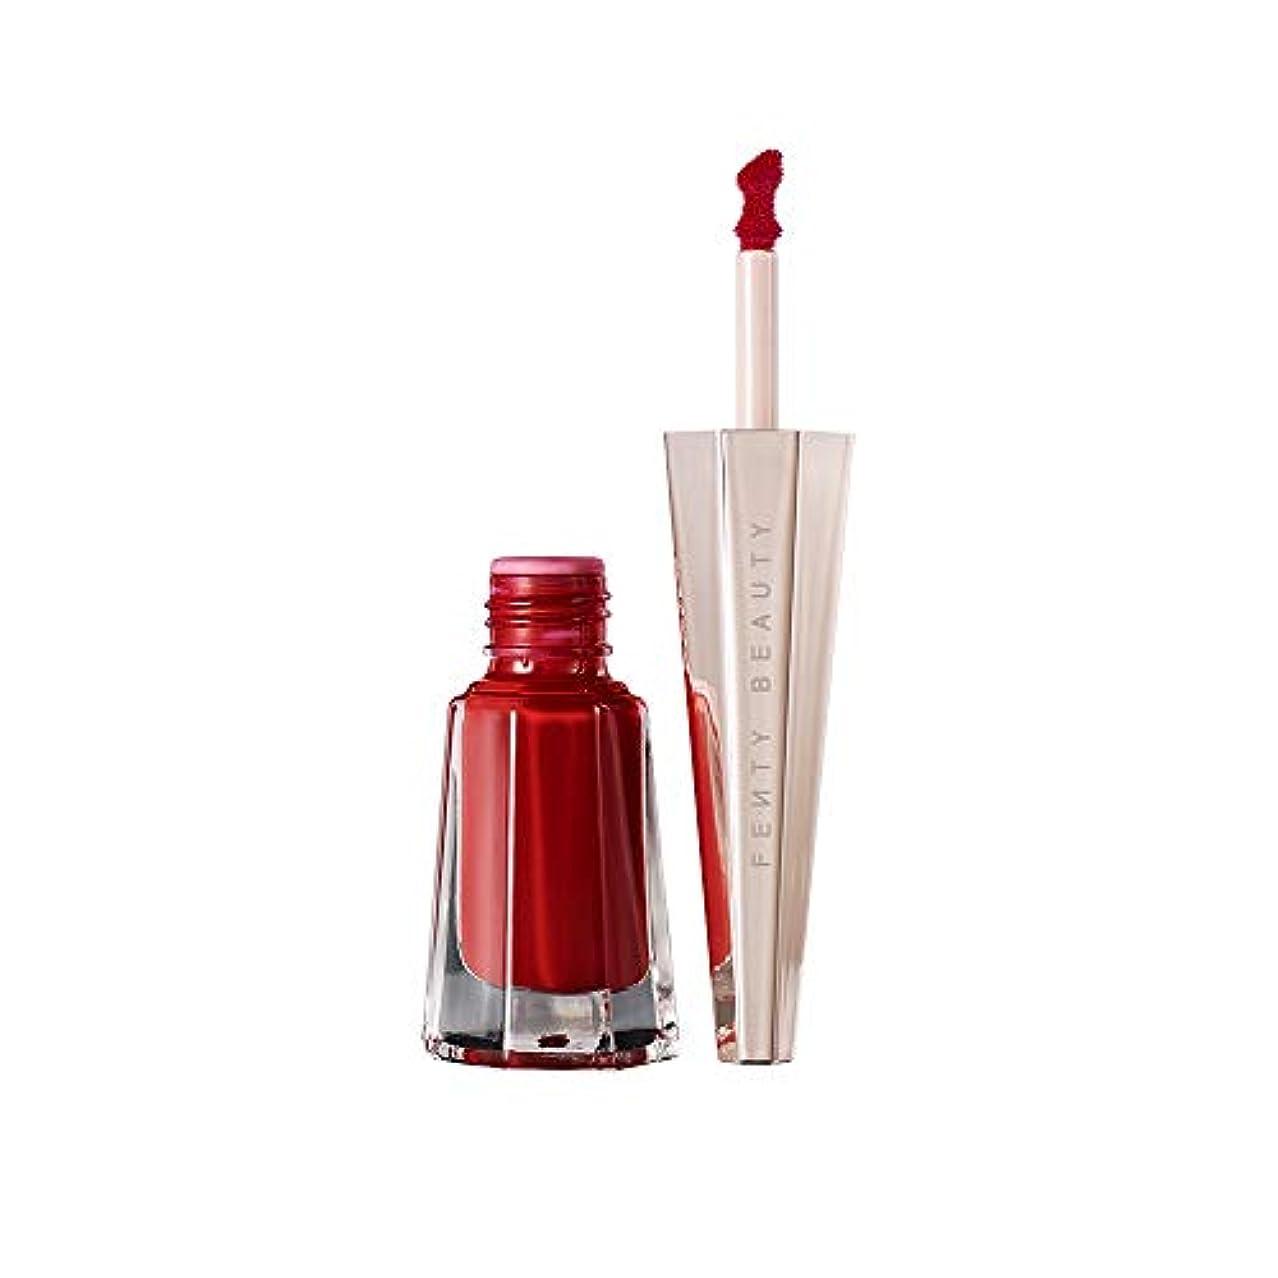 枢機卿肉腫検閲【並行輸入品】FENTY BEAUTY BY RIHANNA Stunna Lip Paint Longwear Fluid Lip Color Uncensored - perfect universal red